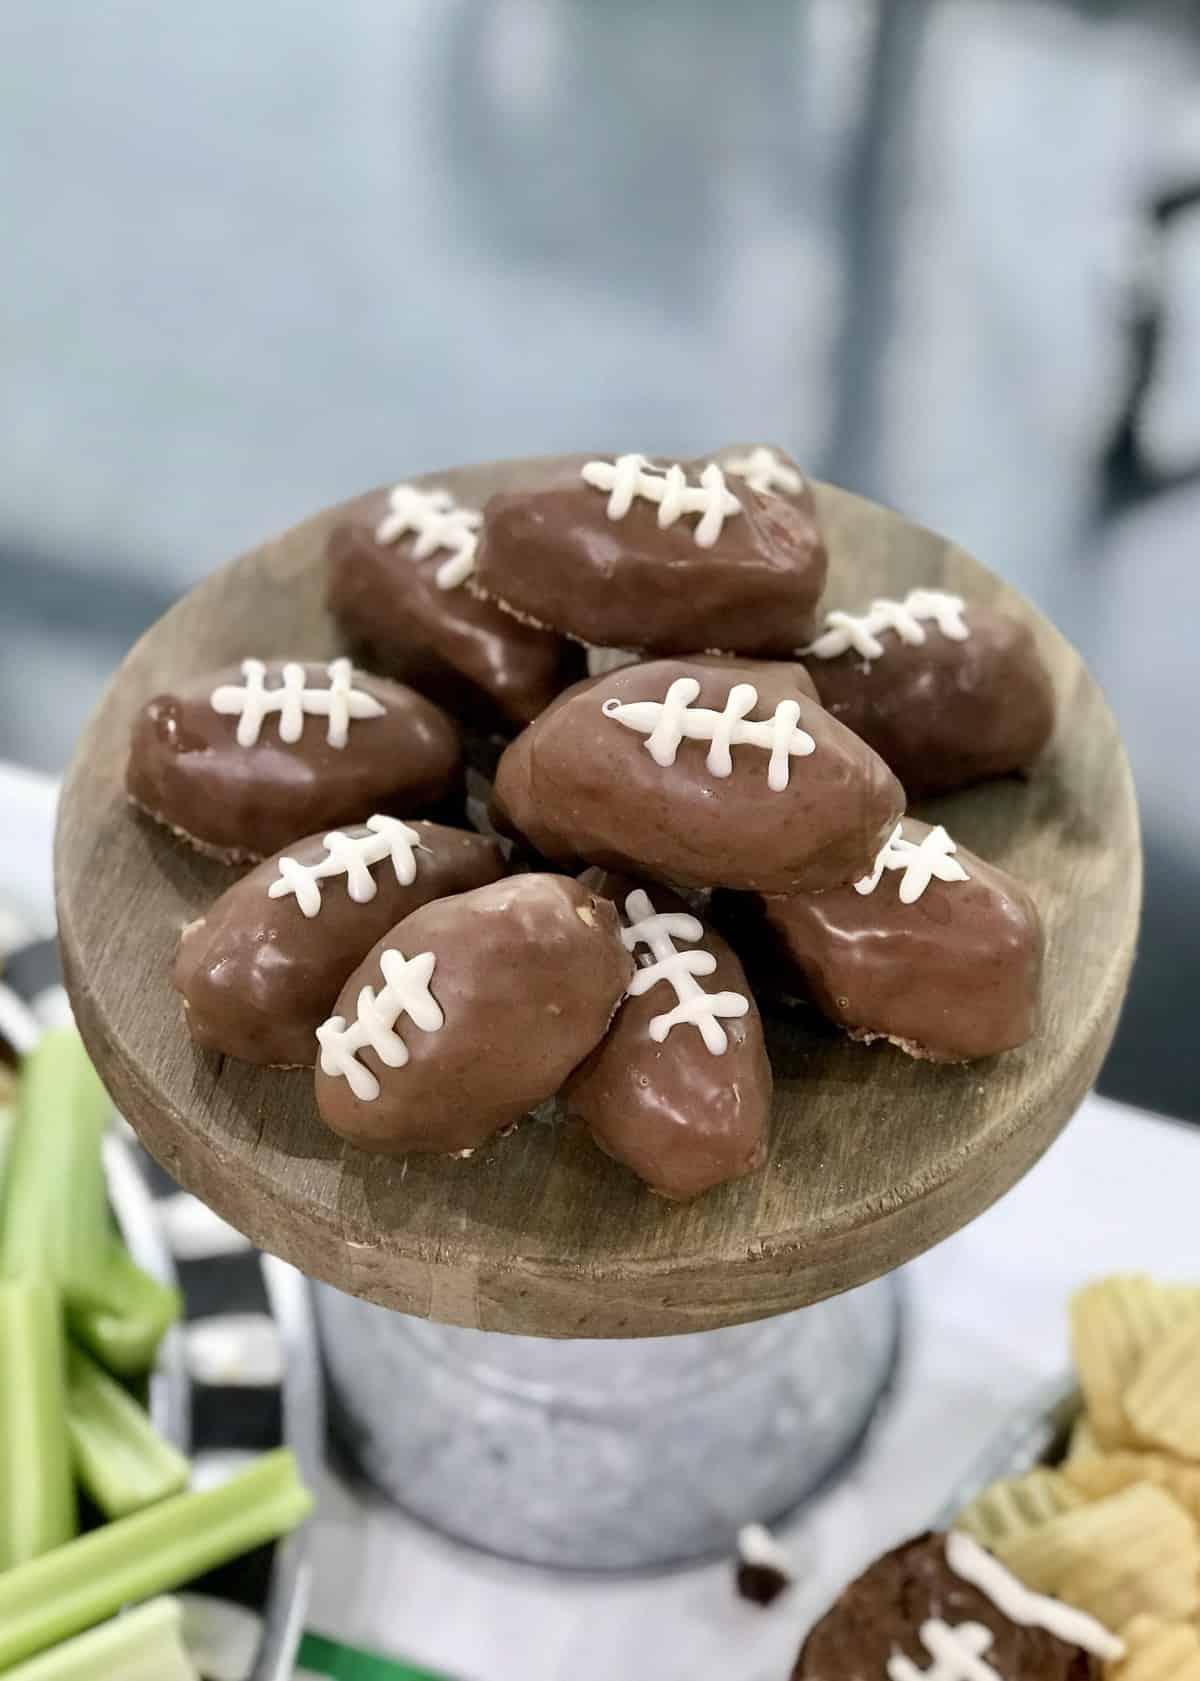 The Ultimate Super Bowl Spread